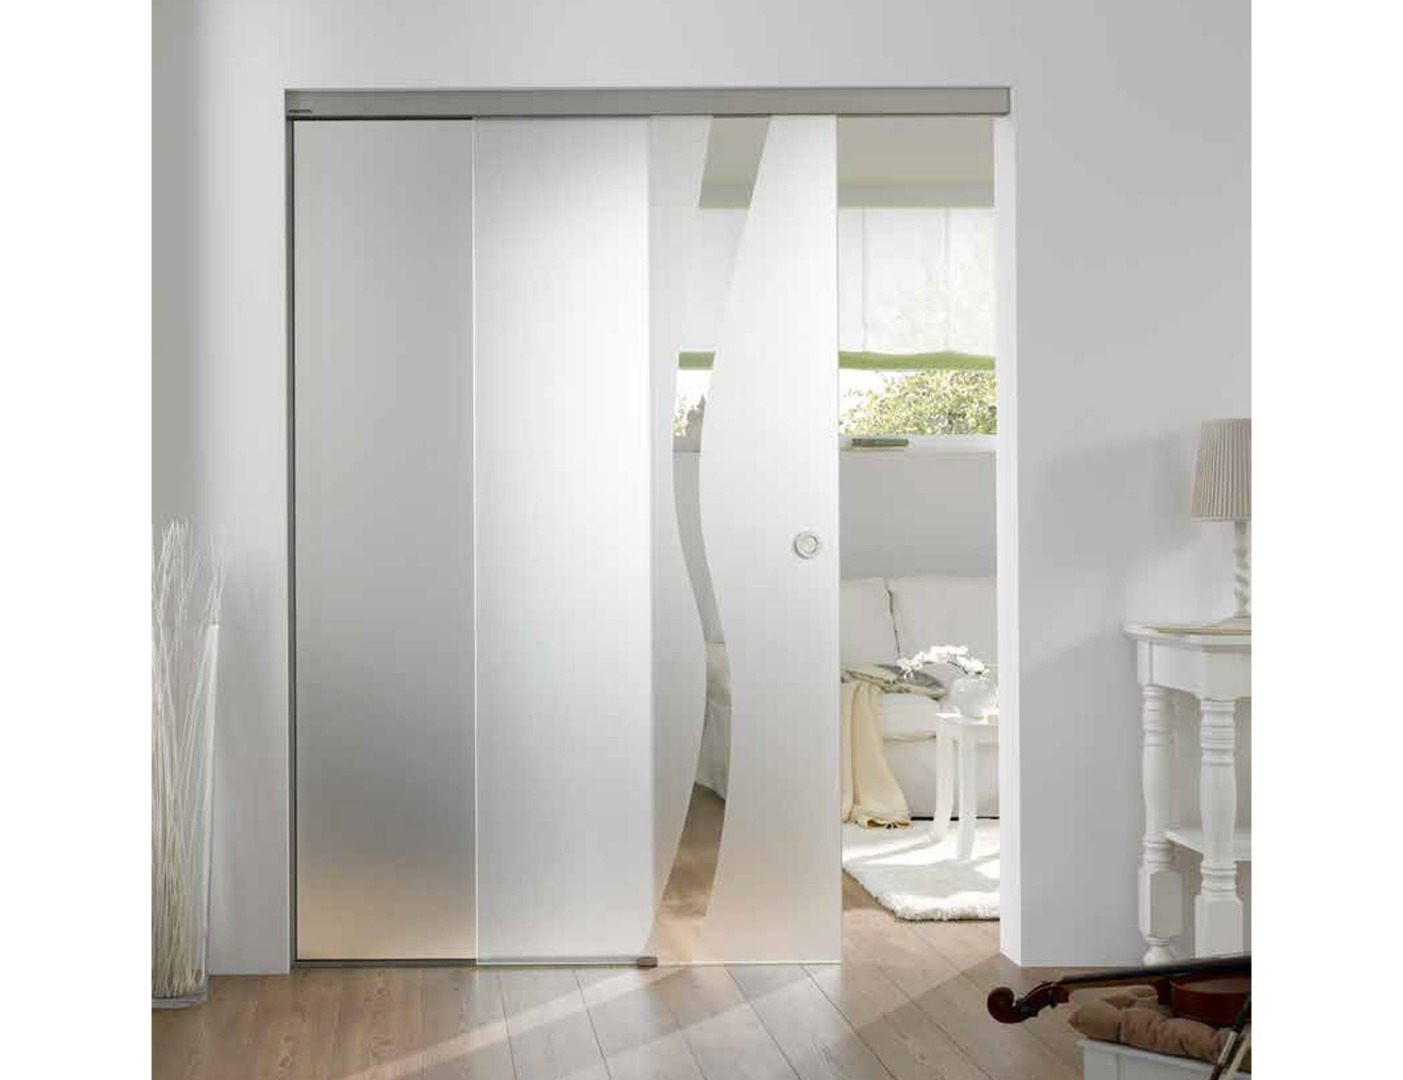 Wave Type 8 Glass Door Design Glass Room Divider